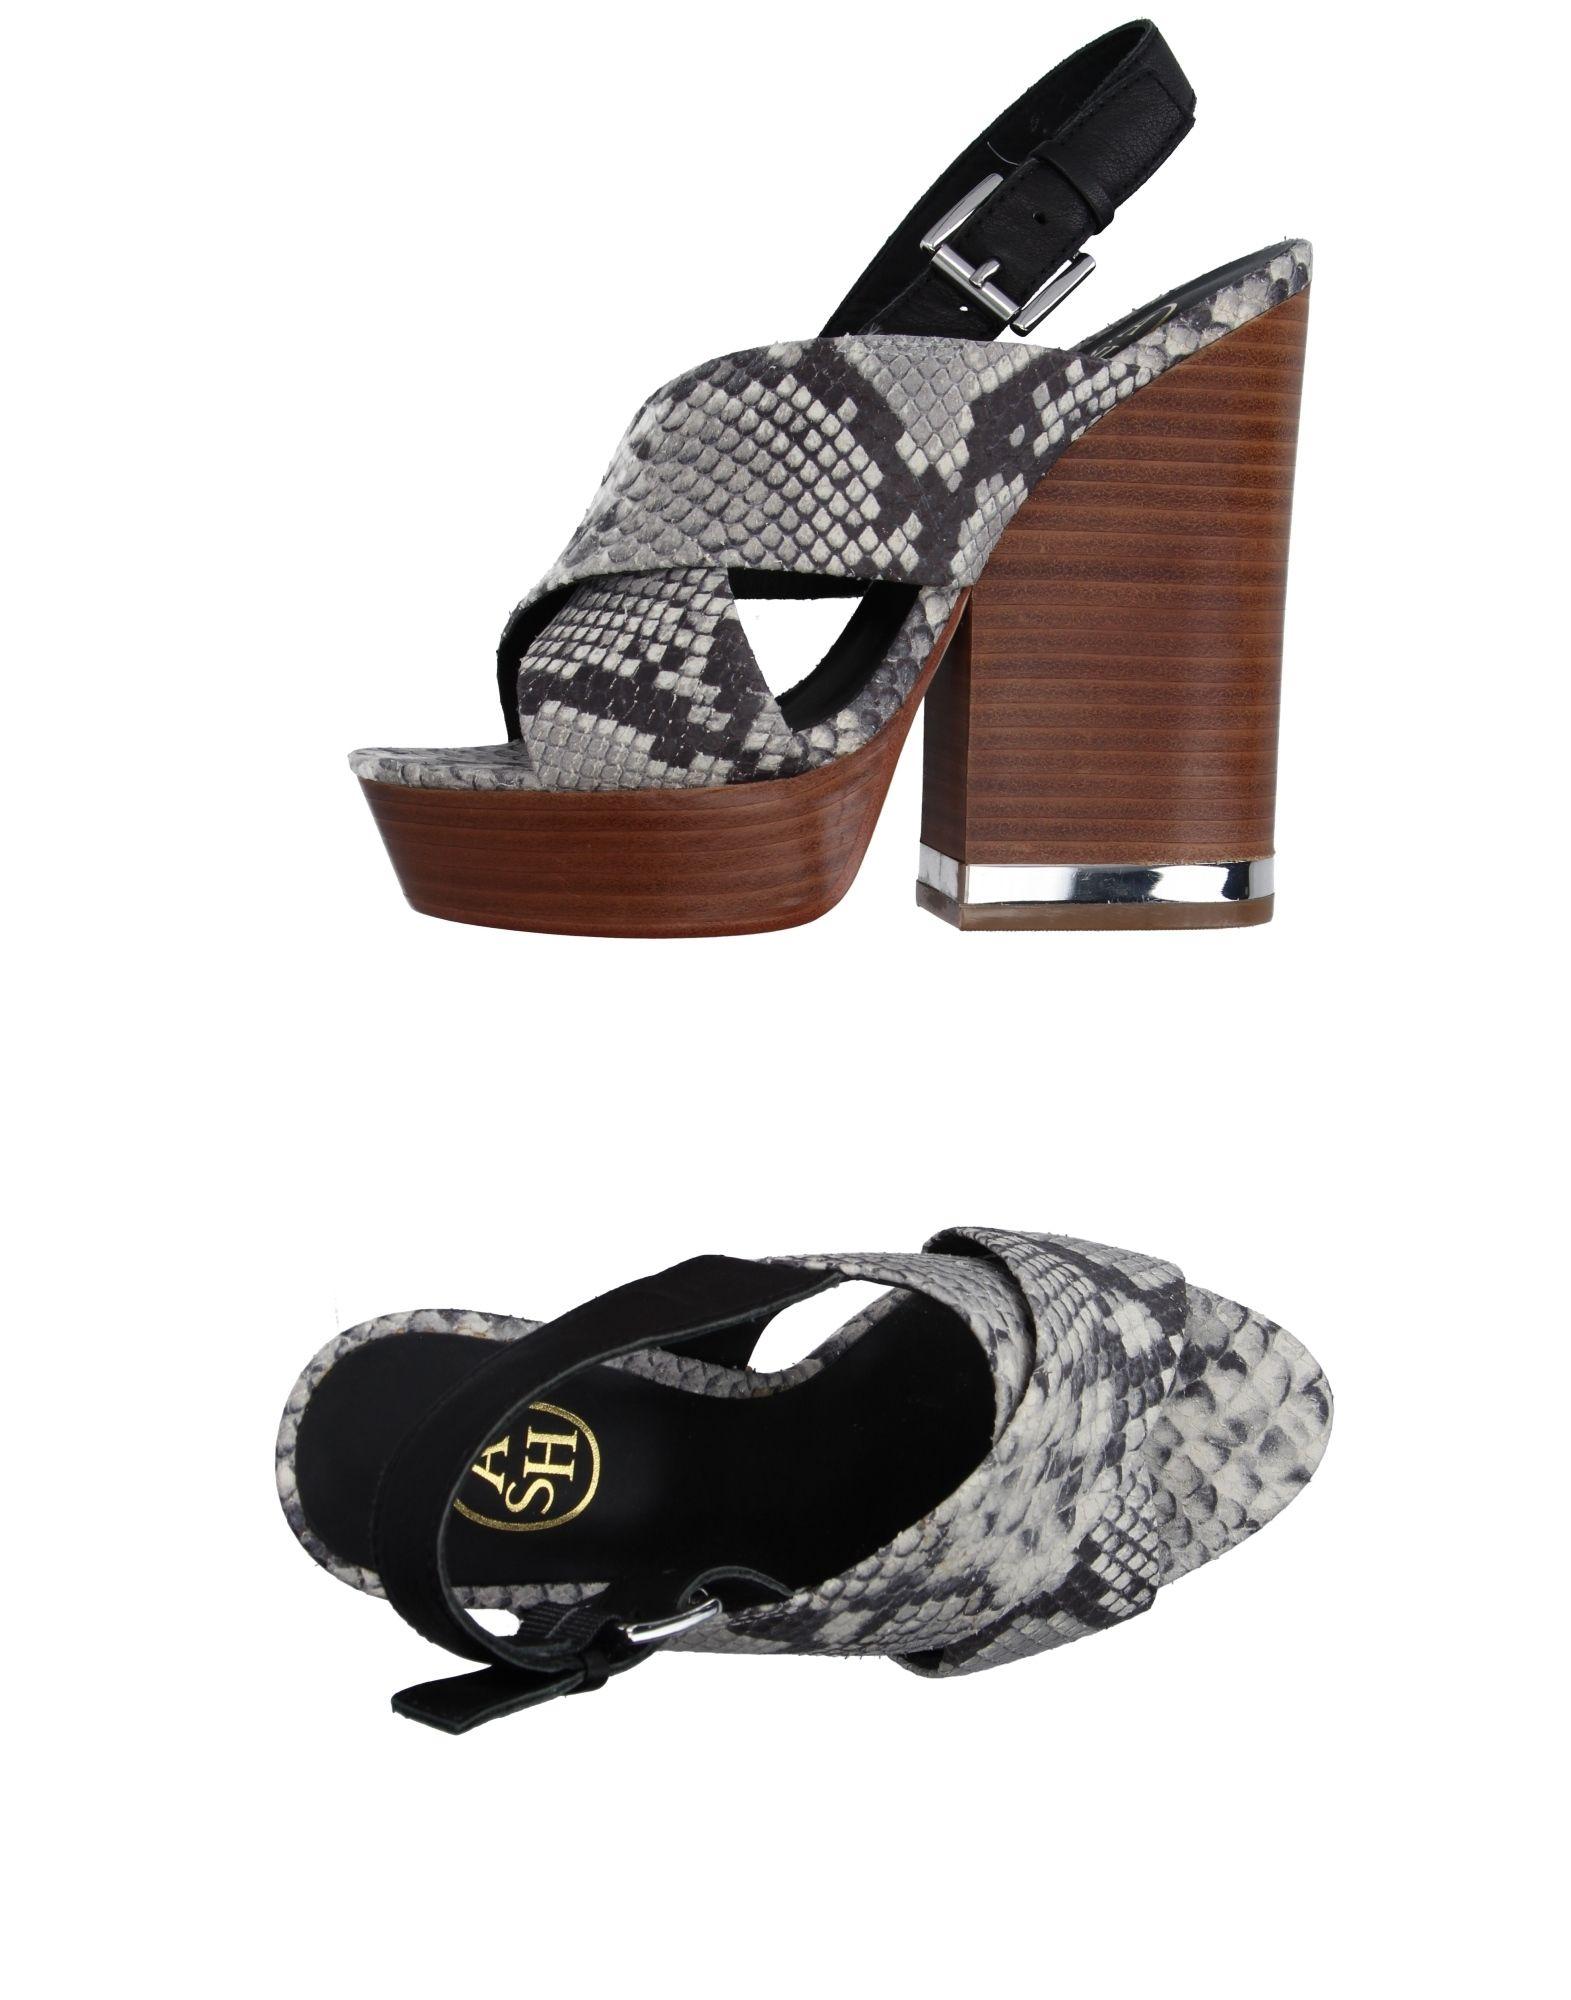 Scarpe Donna Ash Collezione Primavera-Estate e Autunno-Inverno - Acquista  online su YOOX